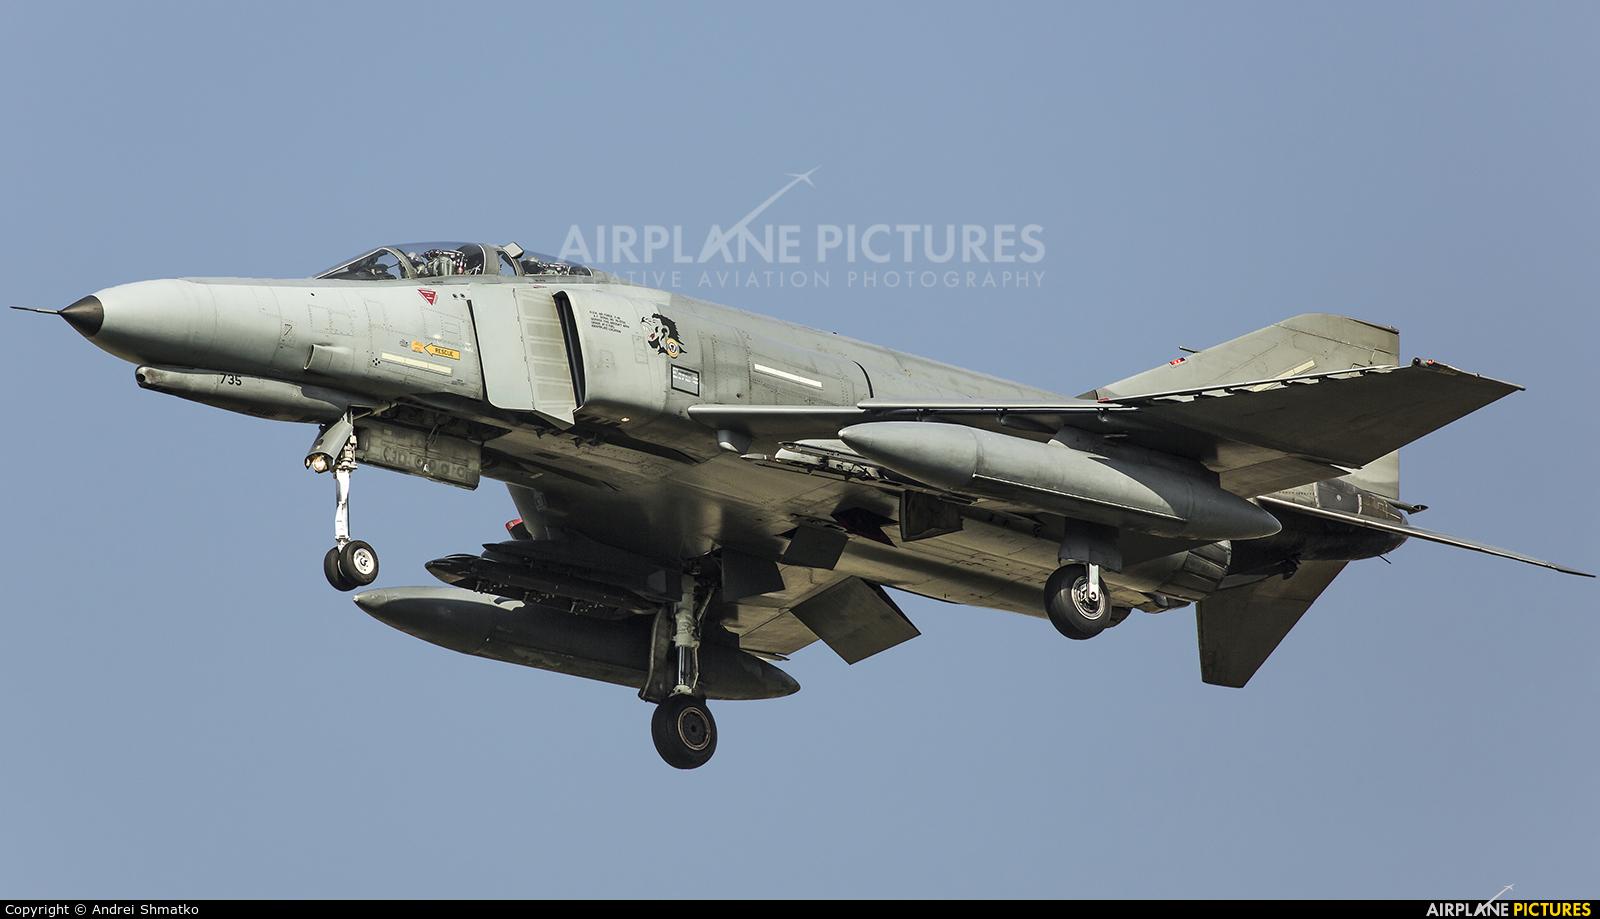 Korea (South) - Air Force 78-0735 aircraft at Off Airport - South Korea